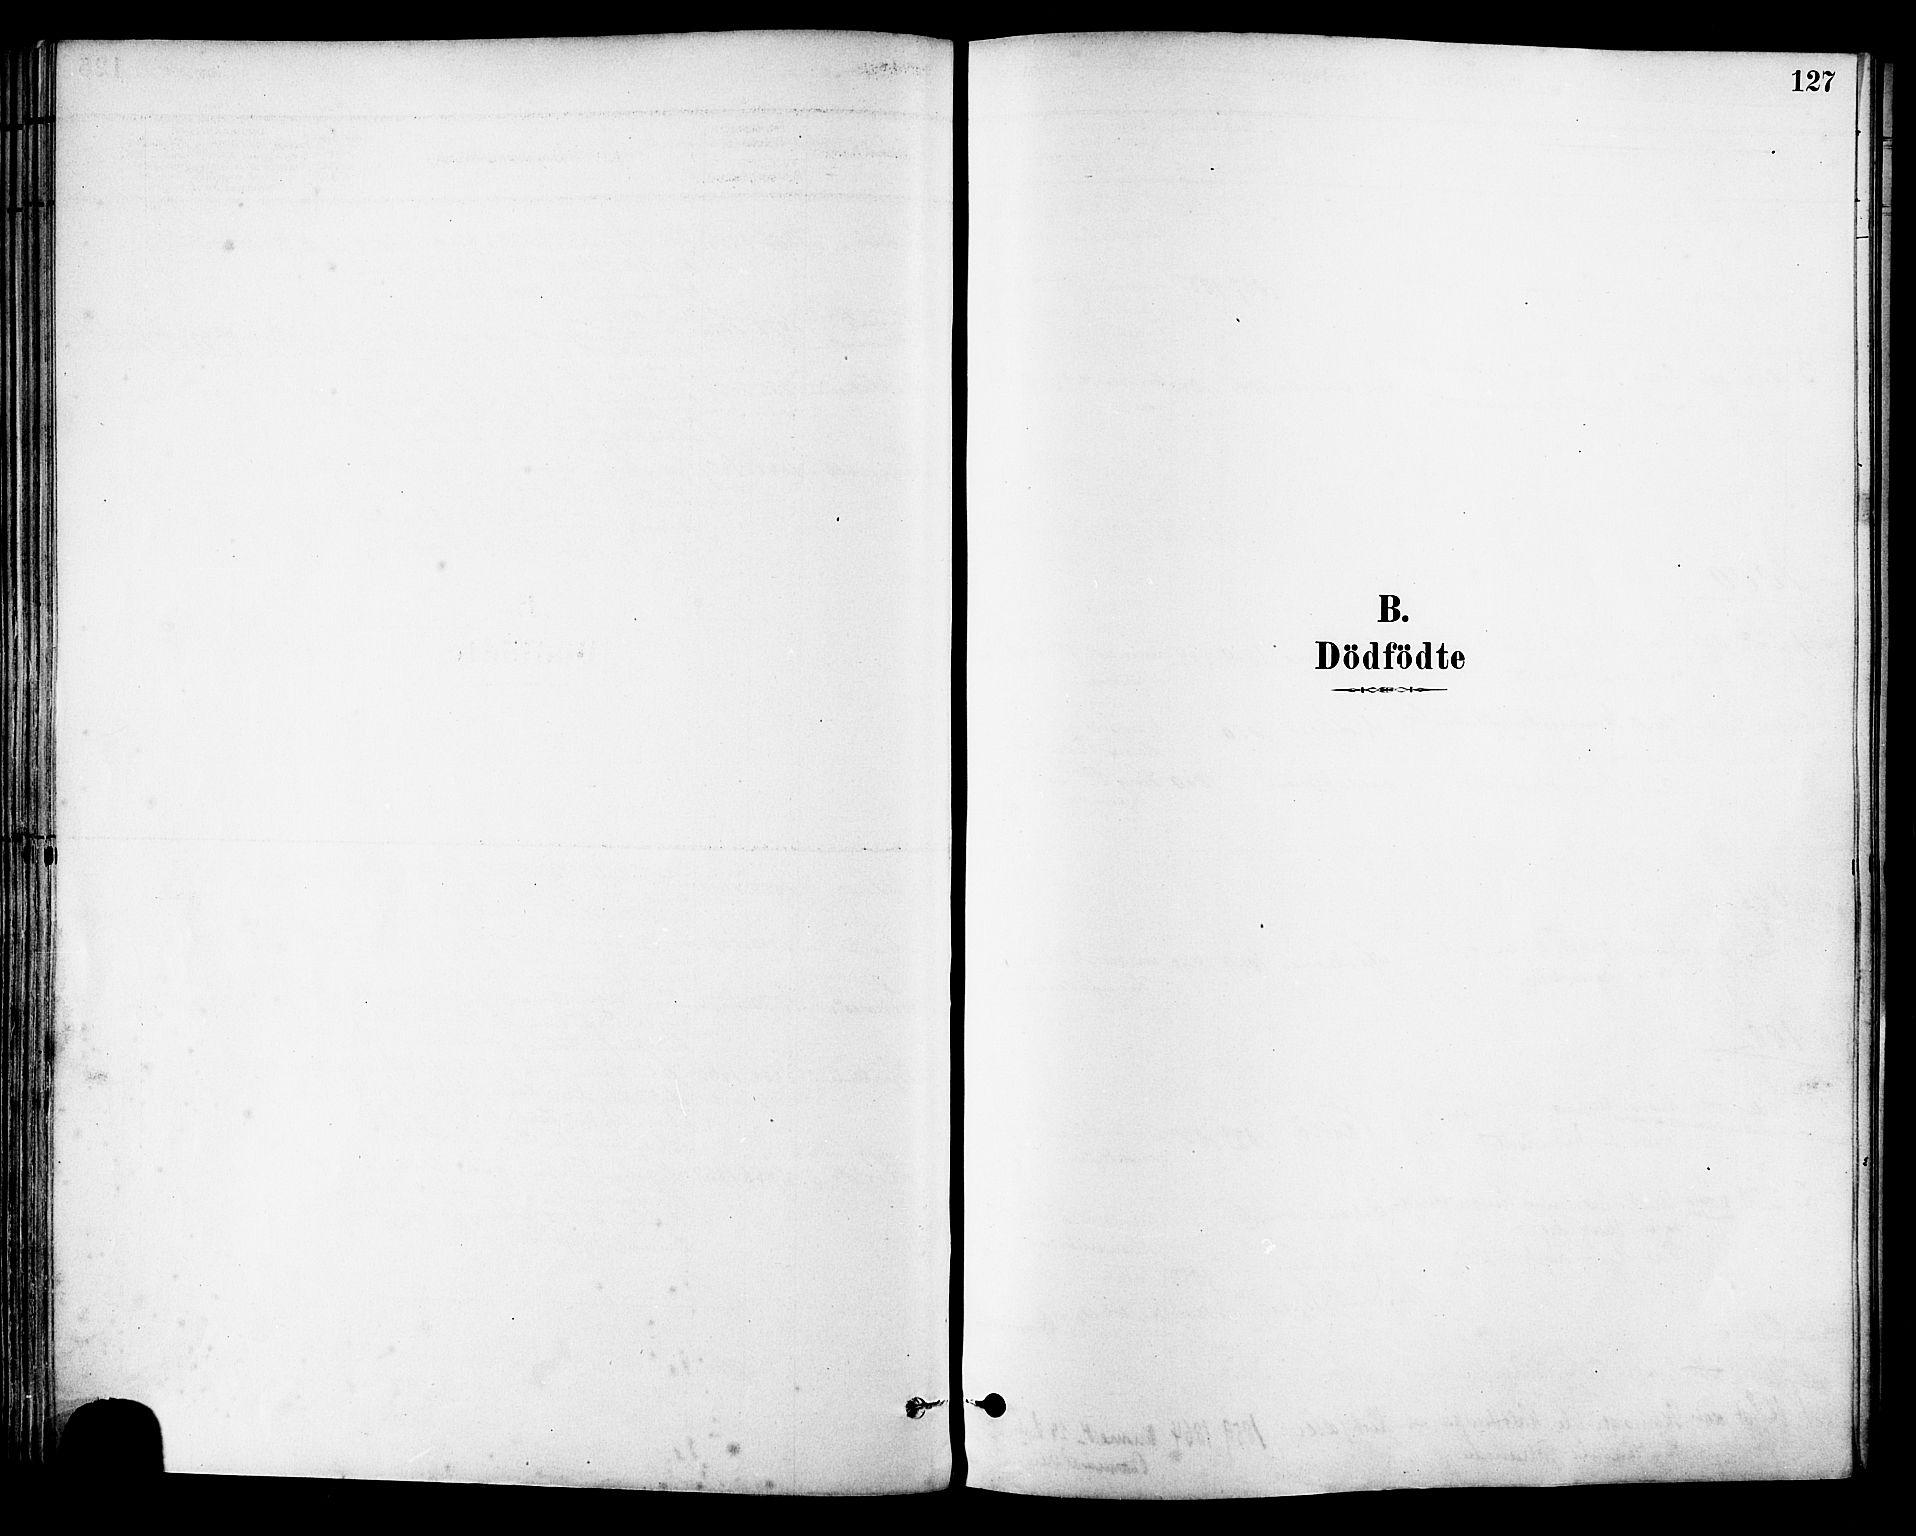 SAT, Ministerialprotokoller, klokkerbøker og fødselsregistre - Sør-Trøndelag, 630/L0496: Ministerialbok nr. 630A09, 1879-1895, s. 127